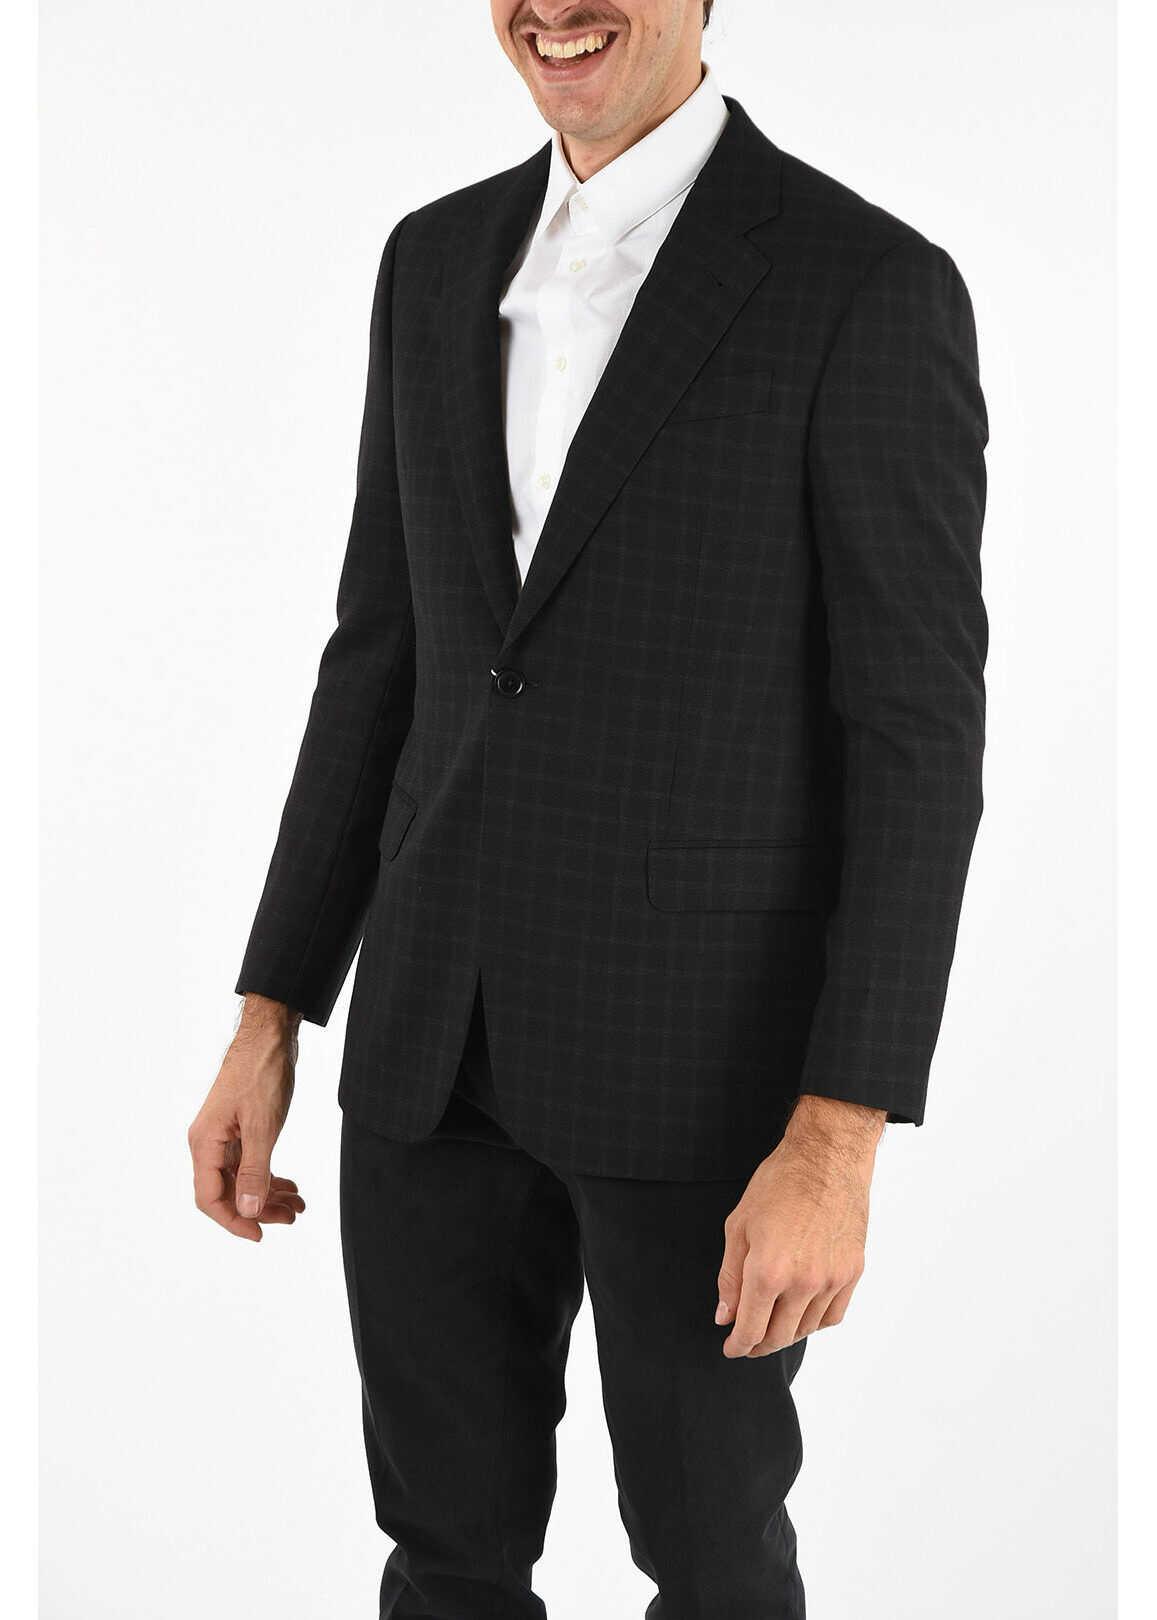 Armani COLLEZIONI Side Vents Checked 1-Button Blazer BLACK imagine